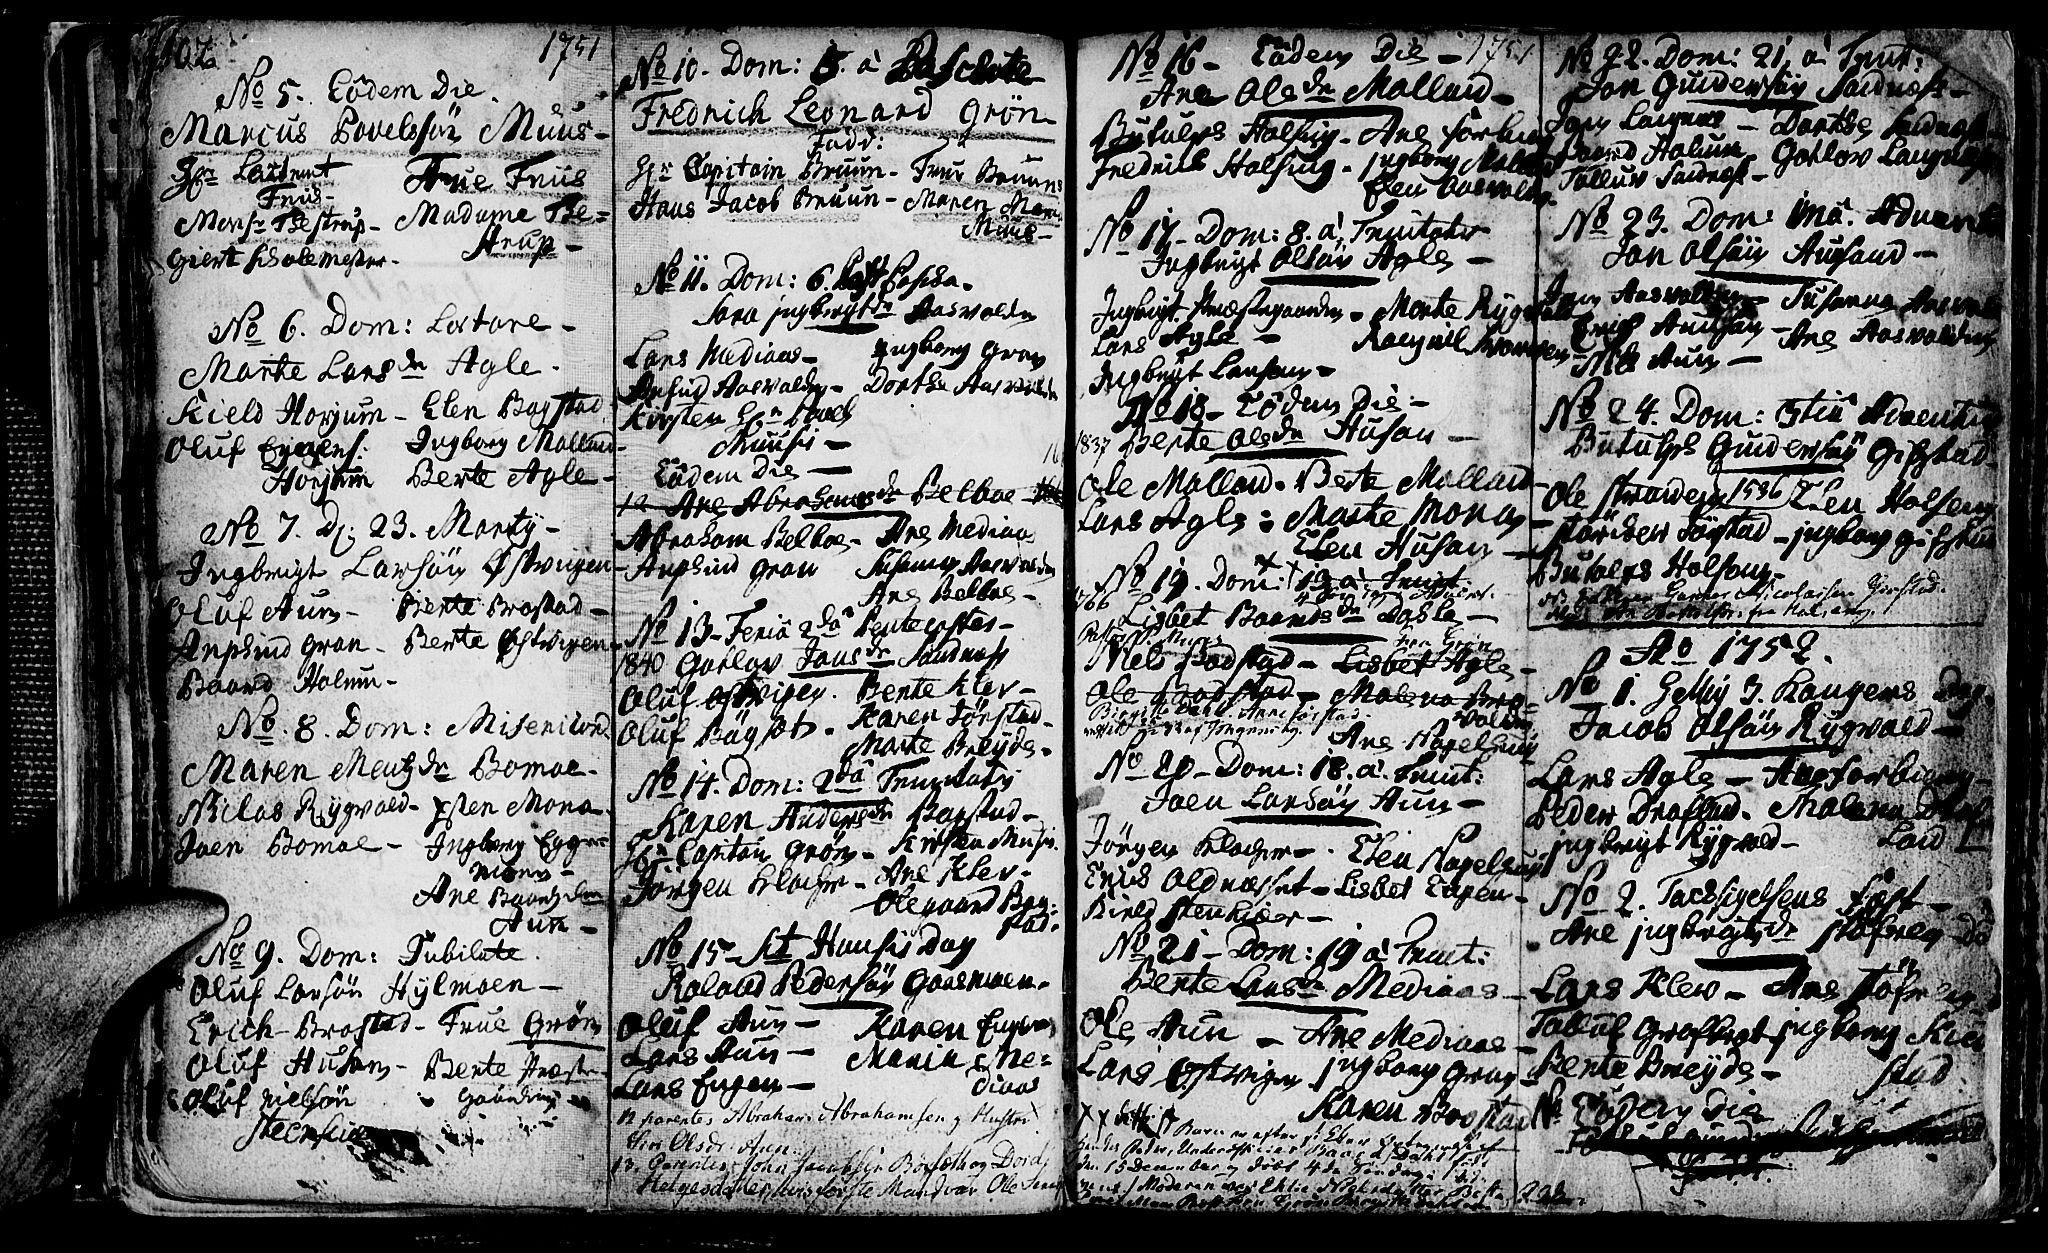 SAT, Ministerialprotokoller, klokkerbøker og fødselsregistre - Nord-Trøndelag, 749/L0467: Ministerialbok nr. 749A01, 1733-1787, s. 102-103